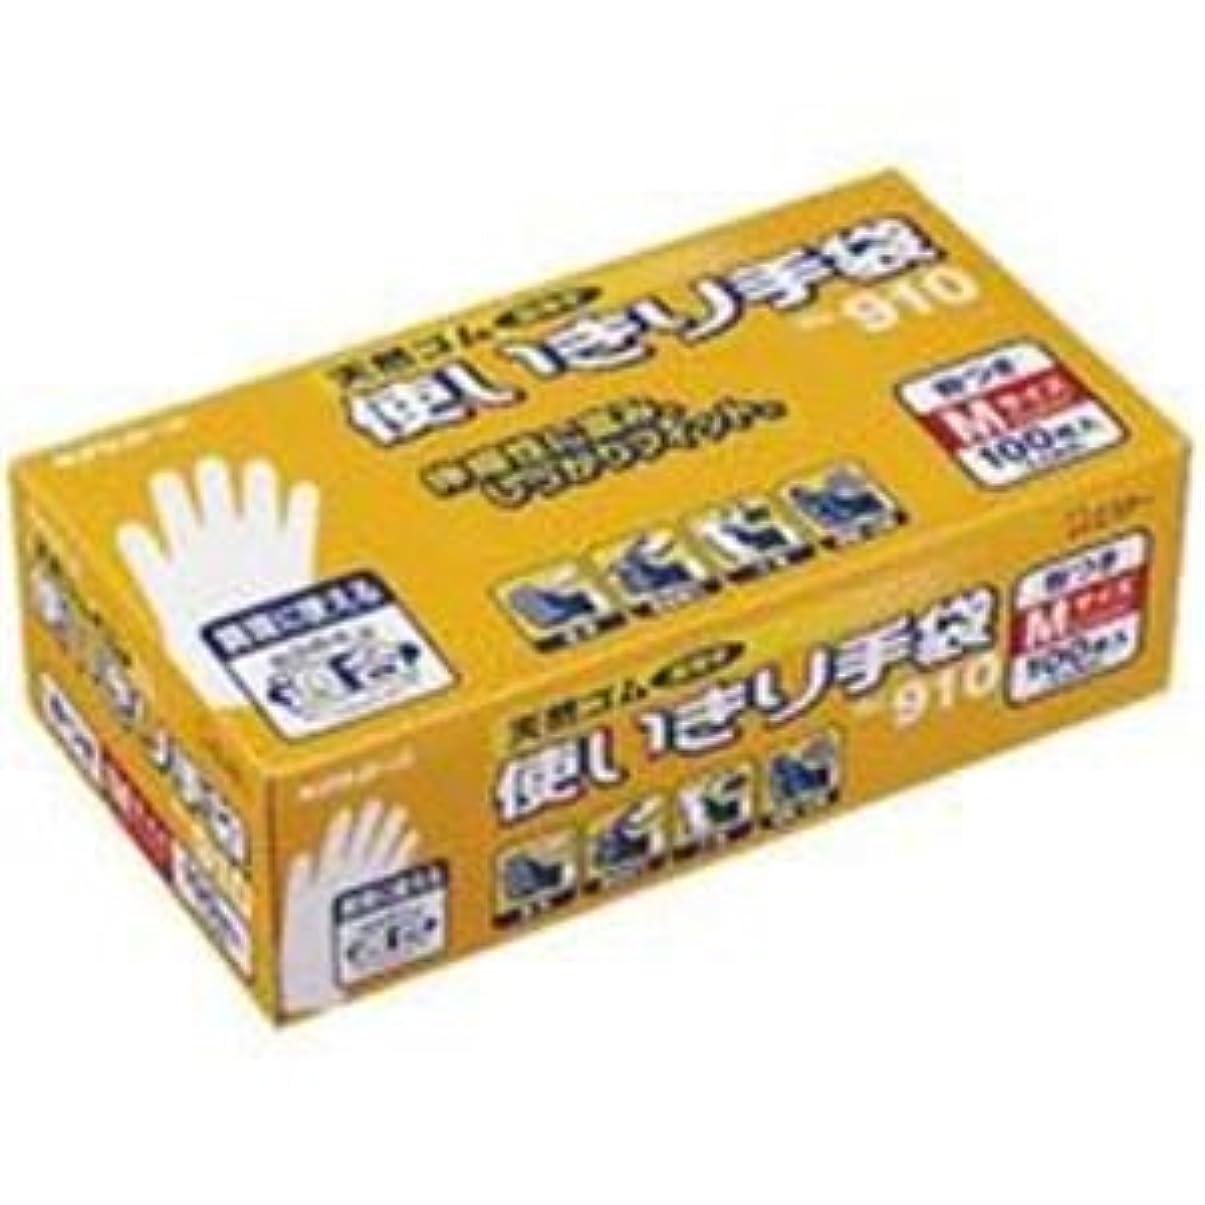 かご背が高い損傷エステー 天然ゴム使い切り手袋/作業用手袋 [No.910/M 12箱]